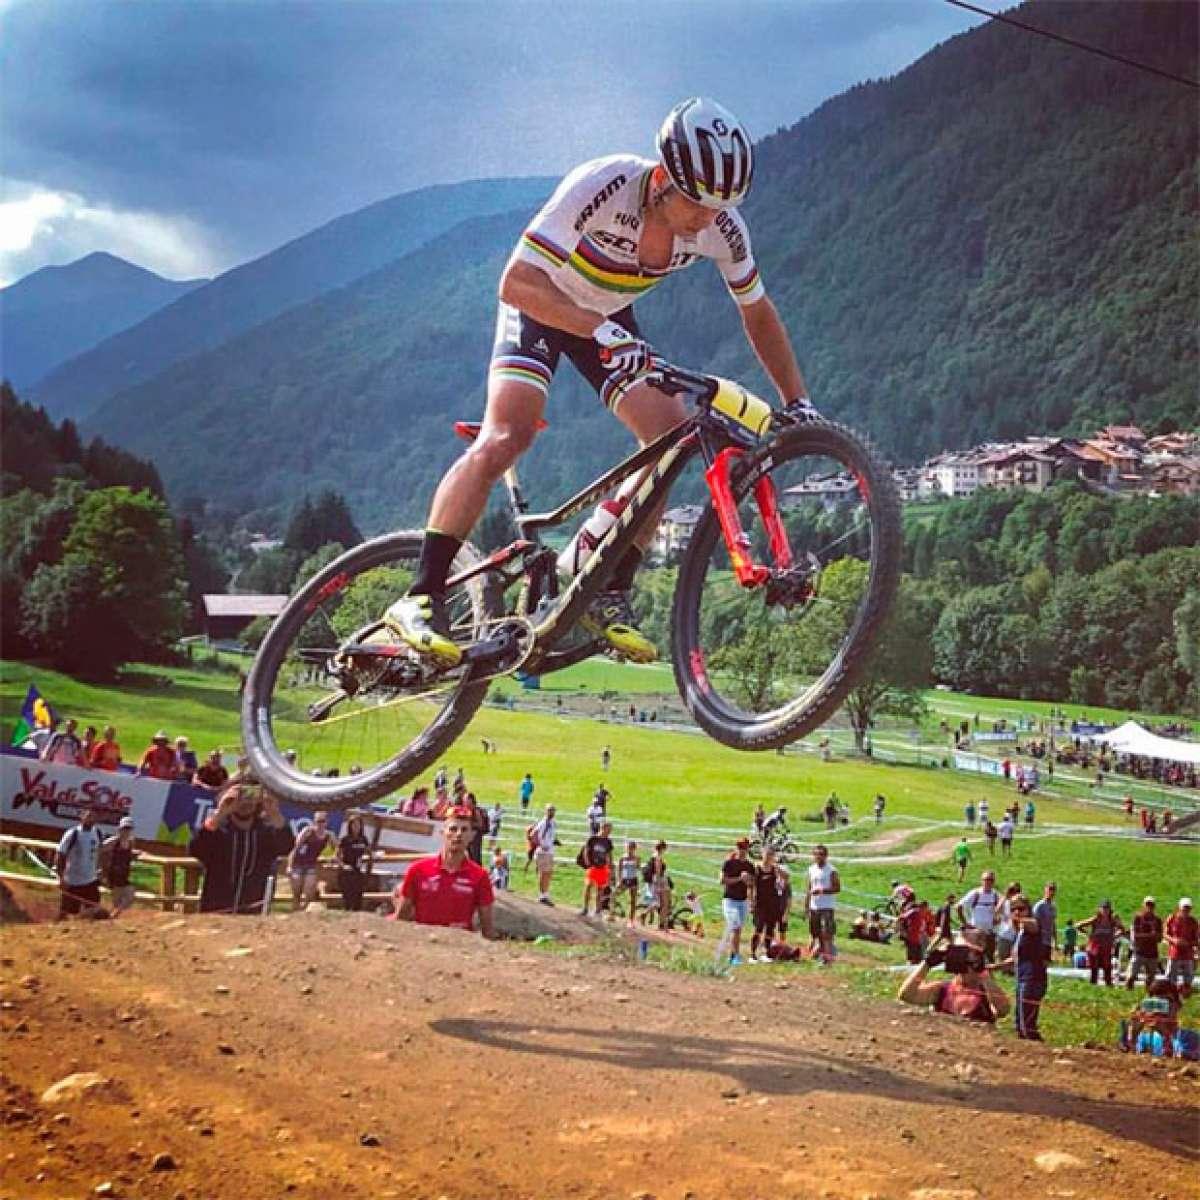 Madera de campeón: así saltaba Nino Schurter en la Copa del Mundo XCO 2017 de Val di Sole